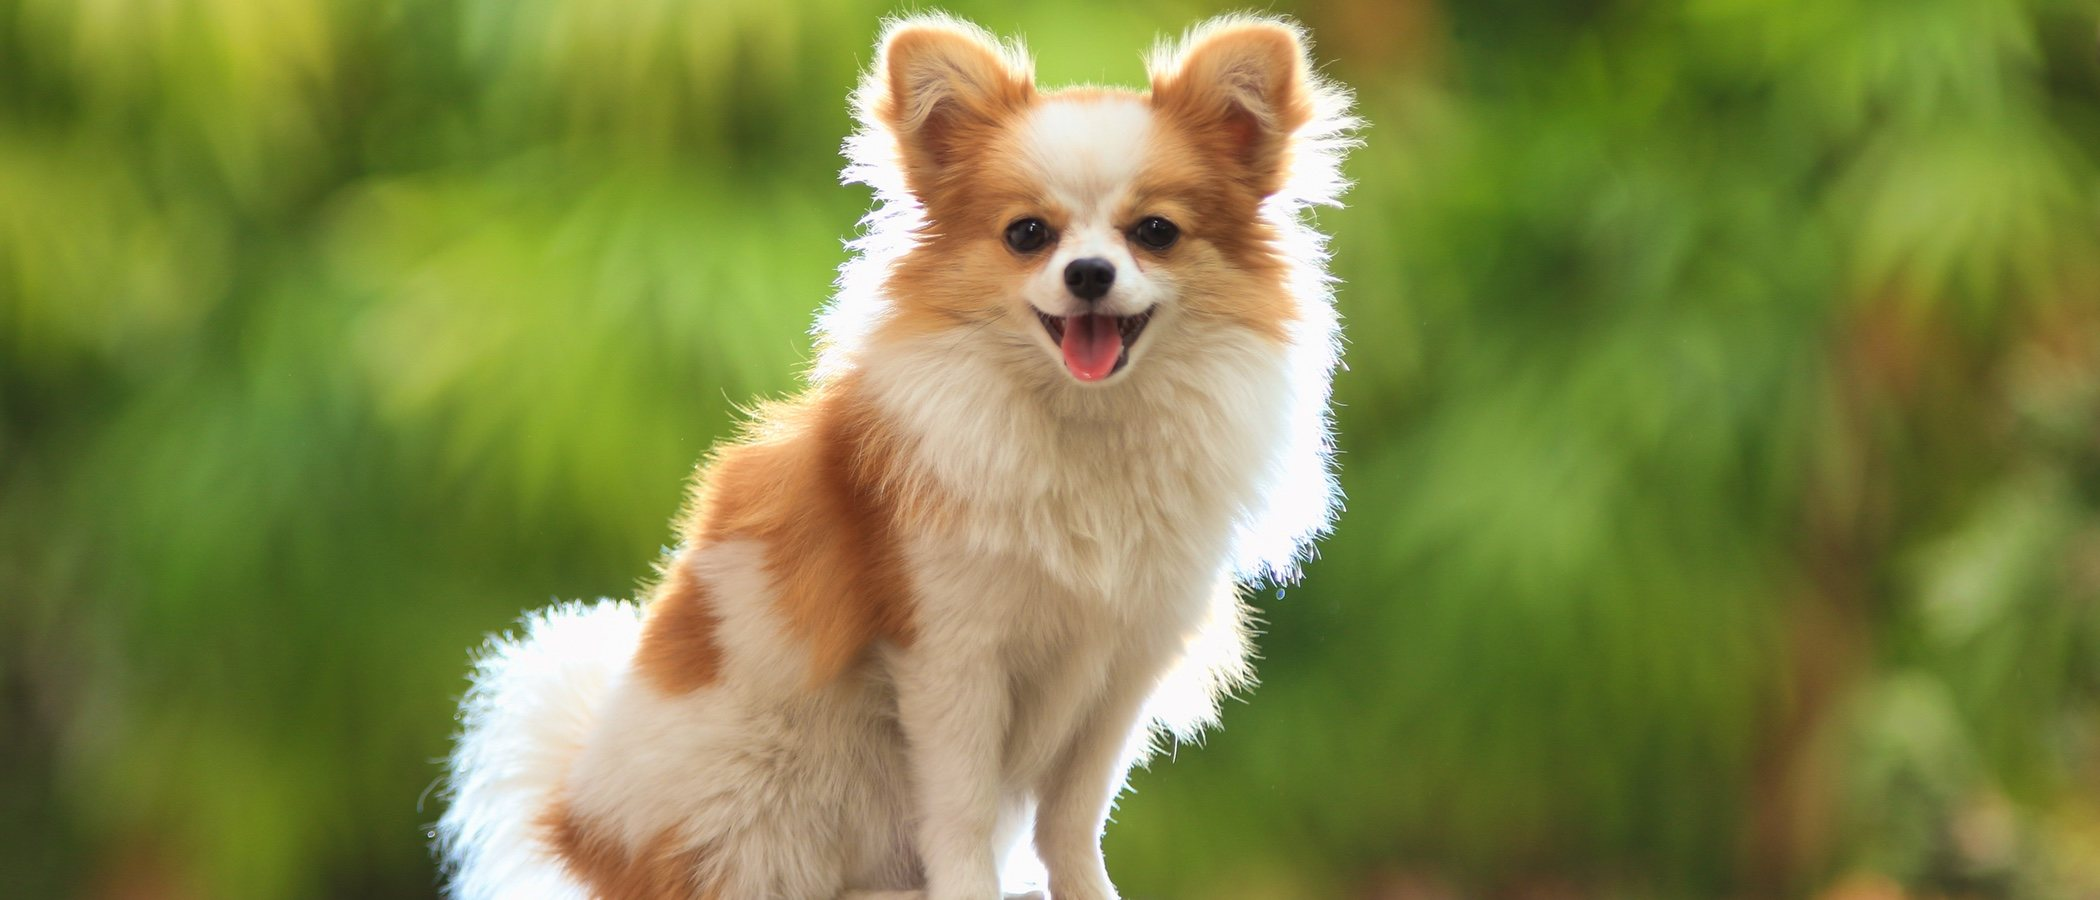 Perros mini: todo lo que necesitas saber sobre este tipo de perro